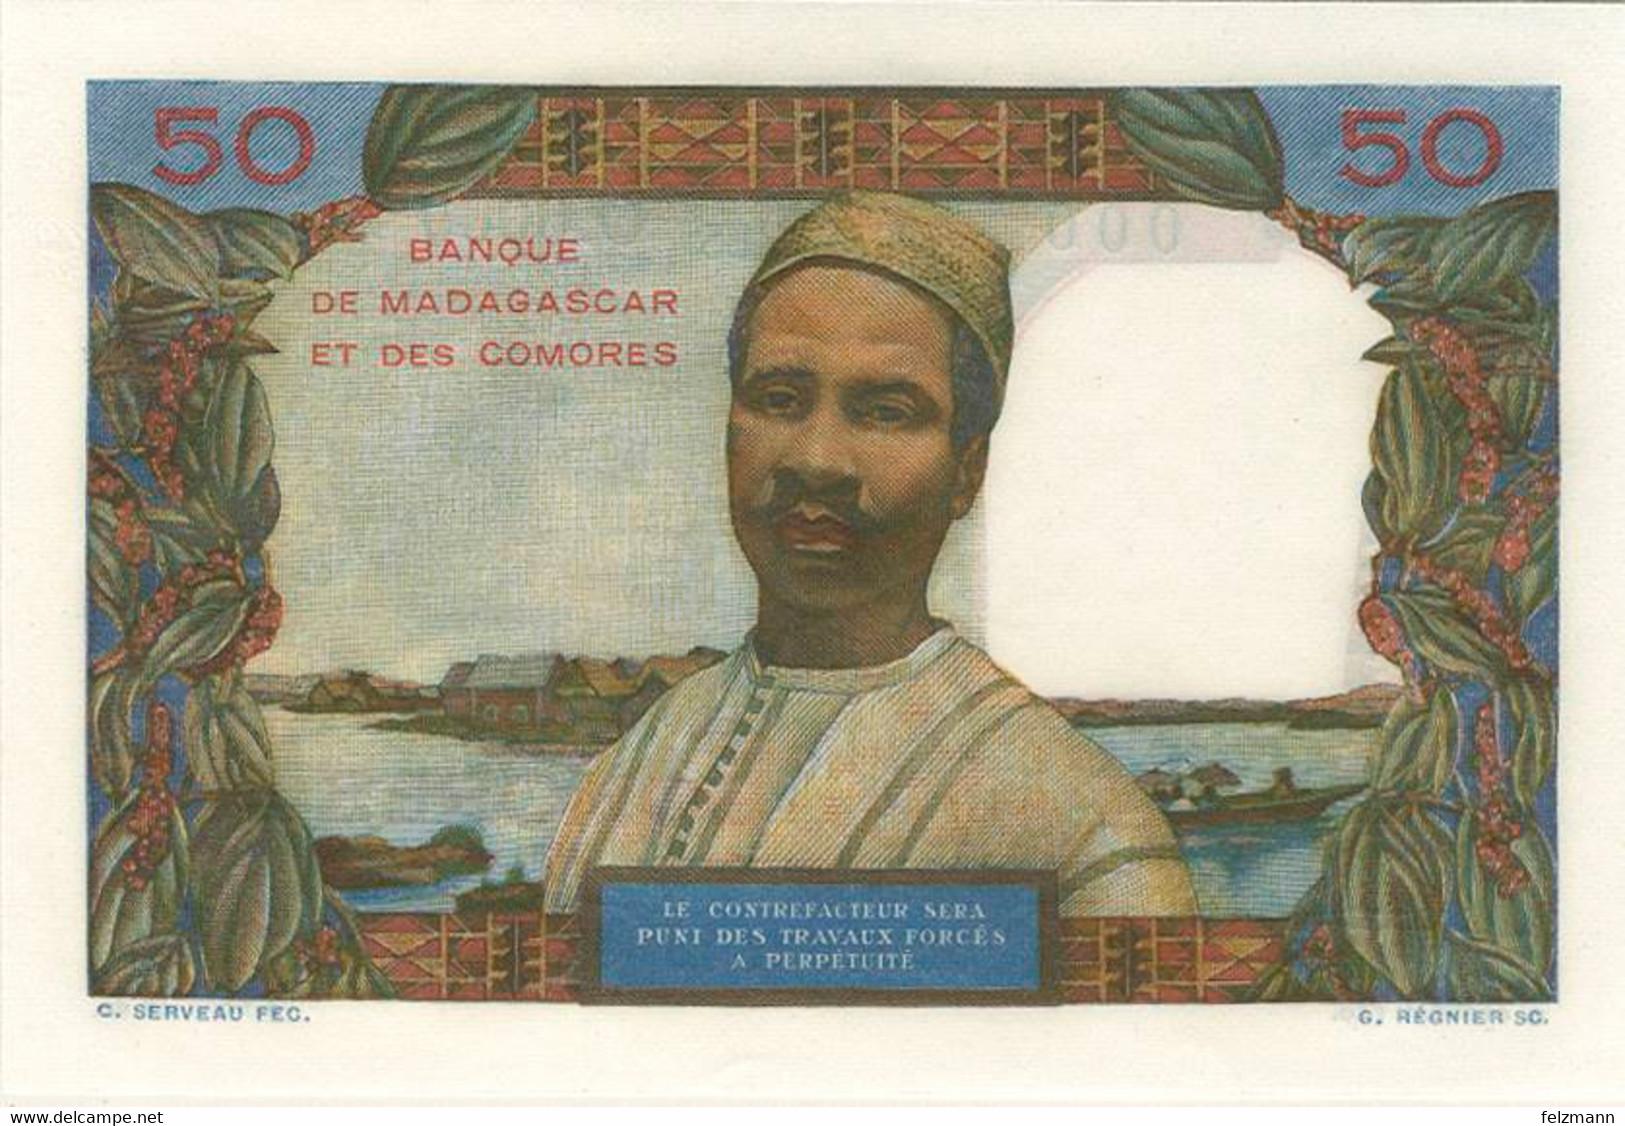 50 Francs, O.D., Specimen, WPM 2 Bs, I - Madagascar